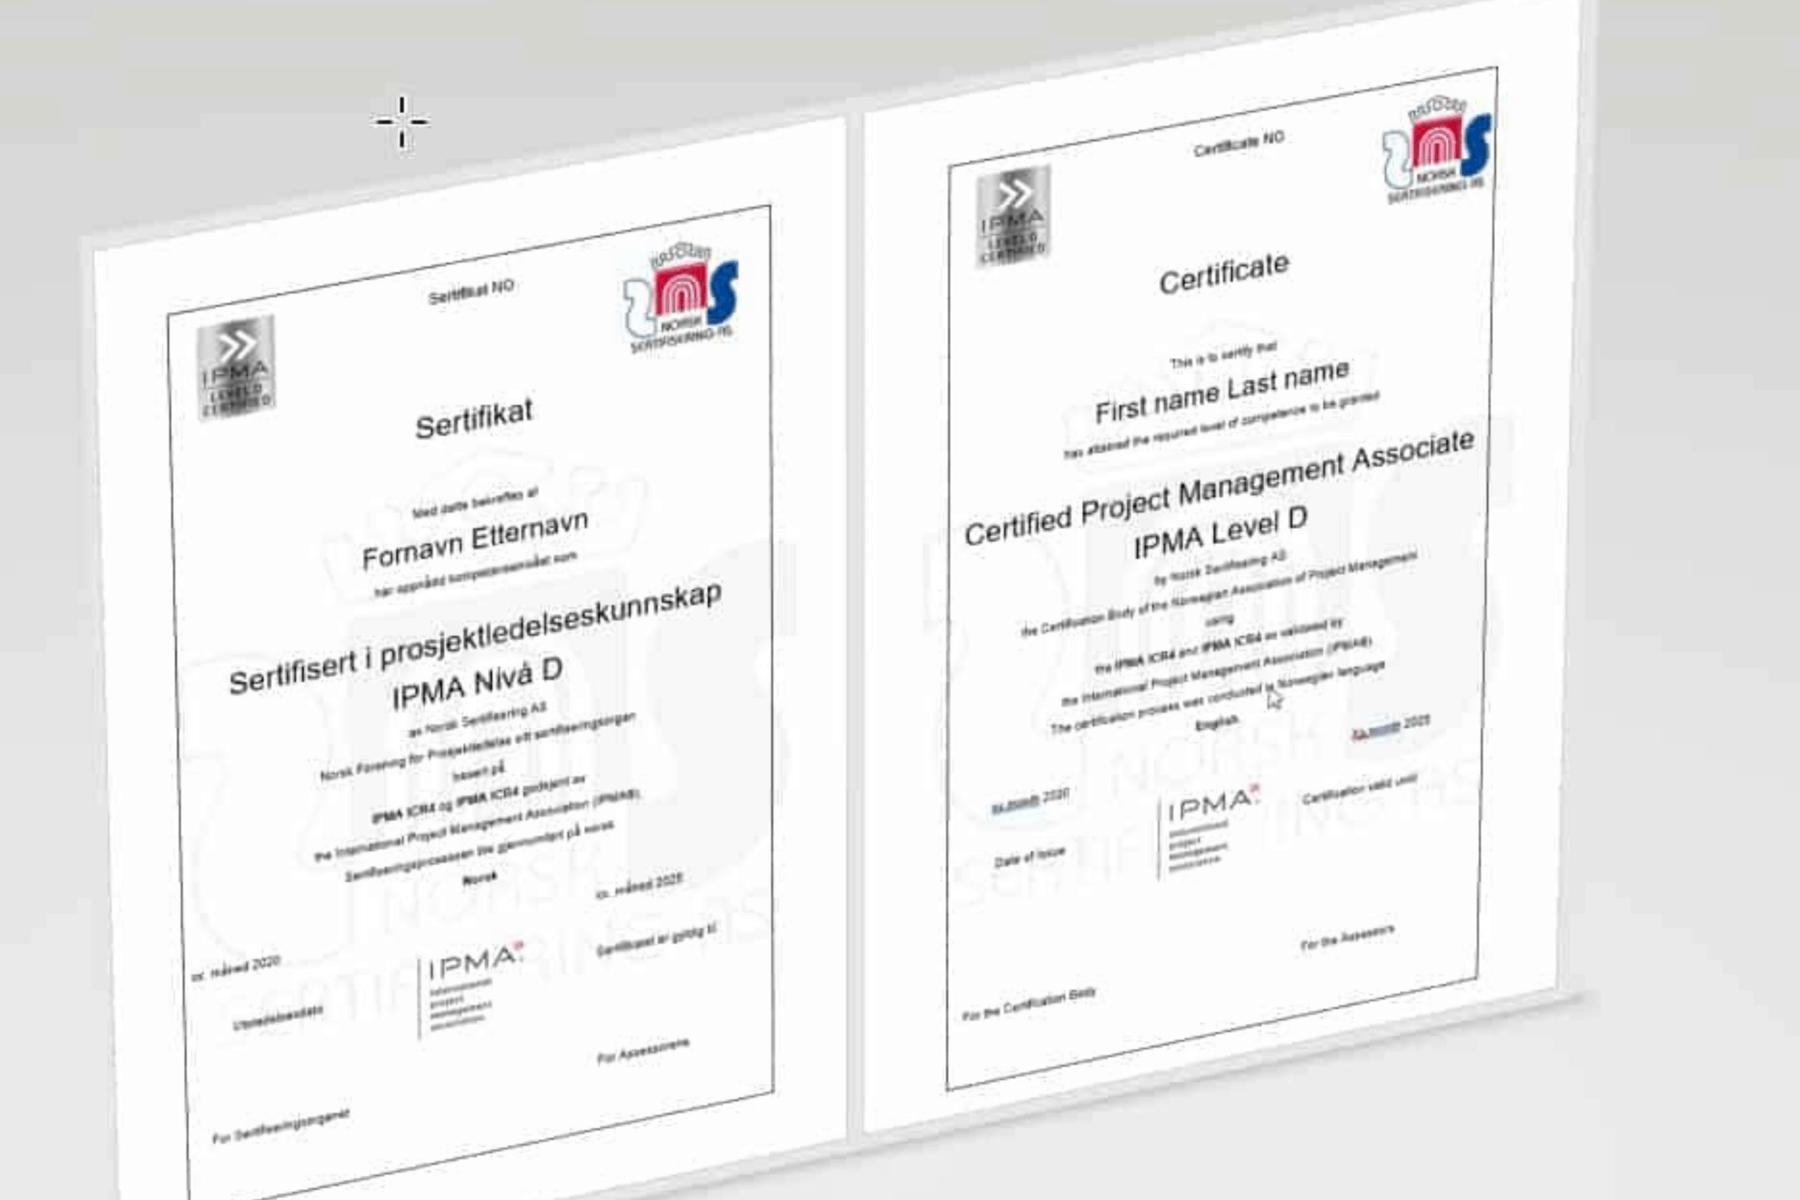 Orienteringsmøte: Presentasjon av IPMA-sertifisering